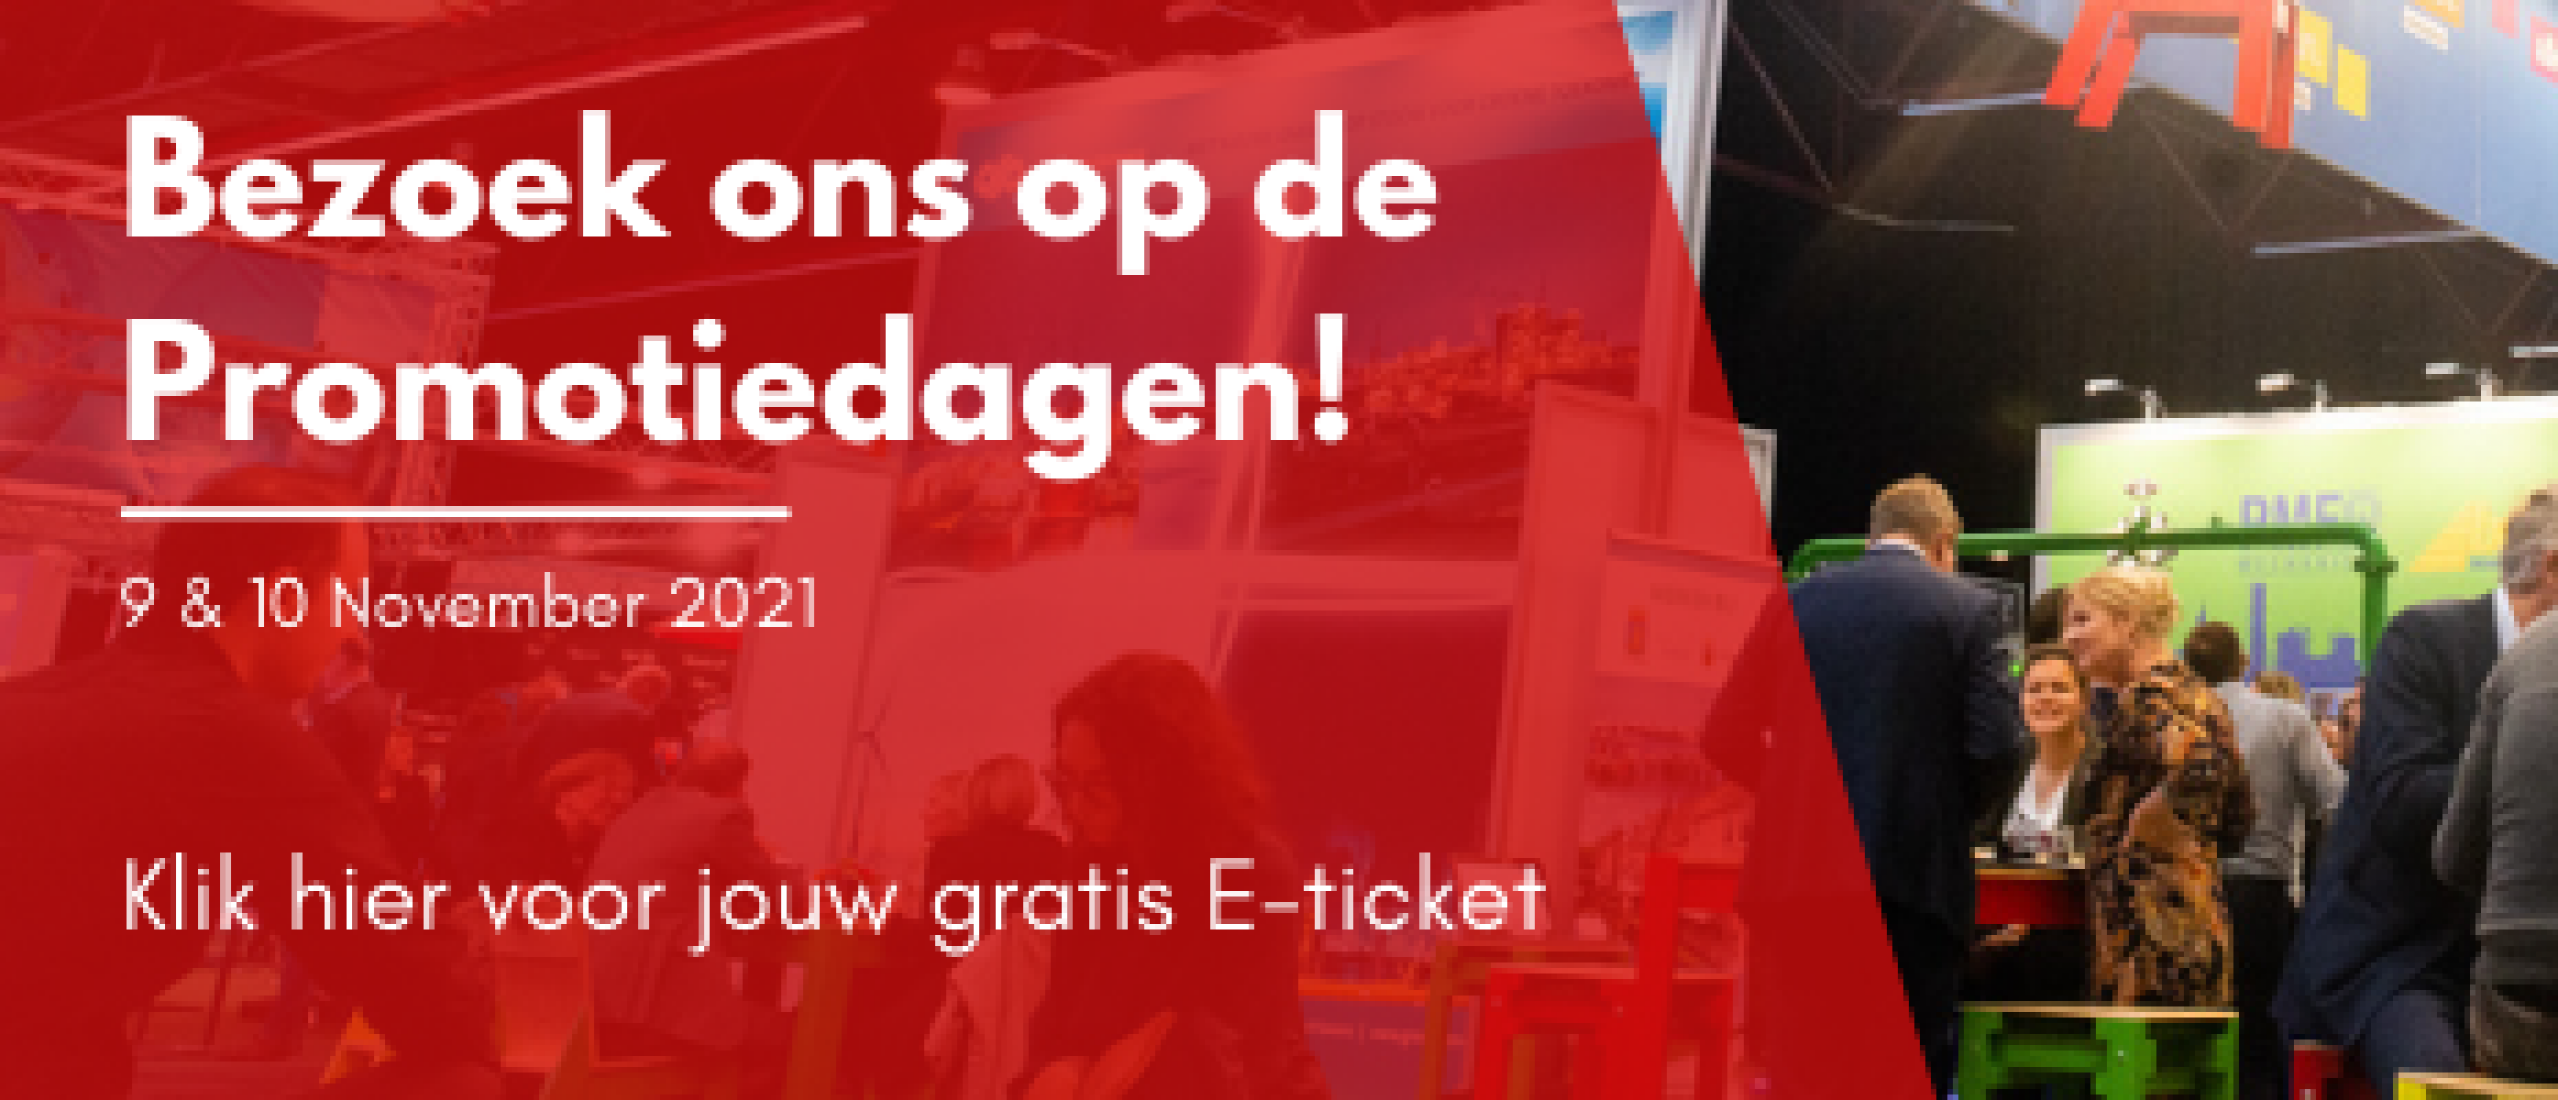 Promotiedagen Groningen 8 & 9 november